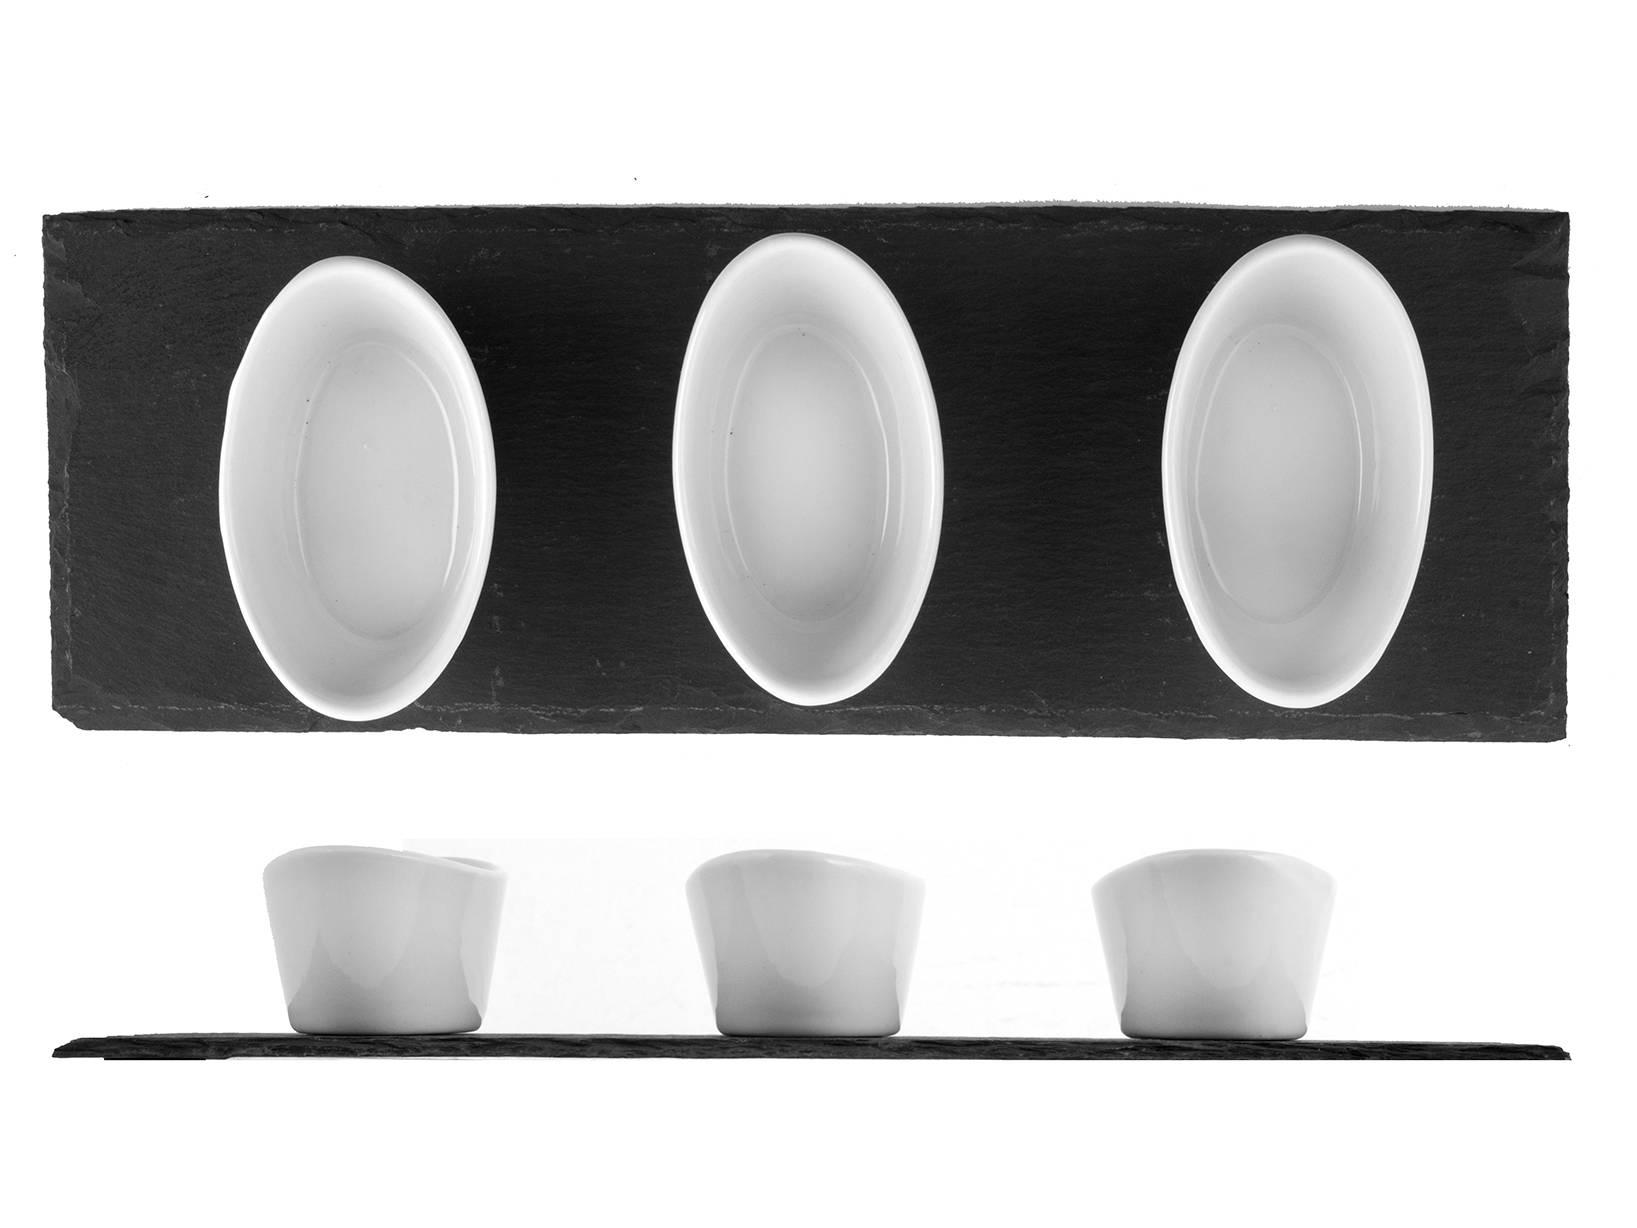 Vassoio in ardesia 30x10 con 3 coppe ovali h h for Ardesia per cucinare